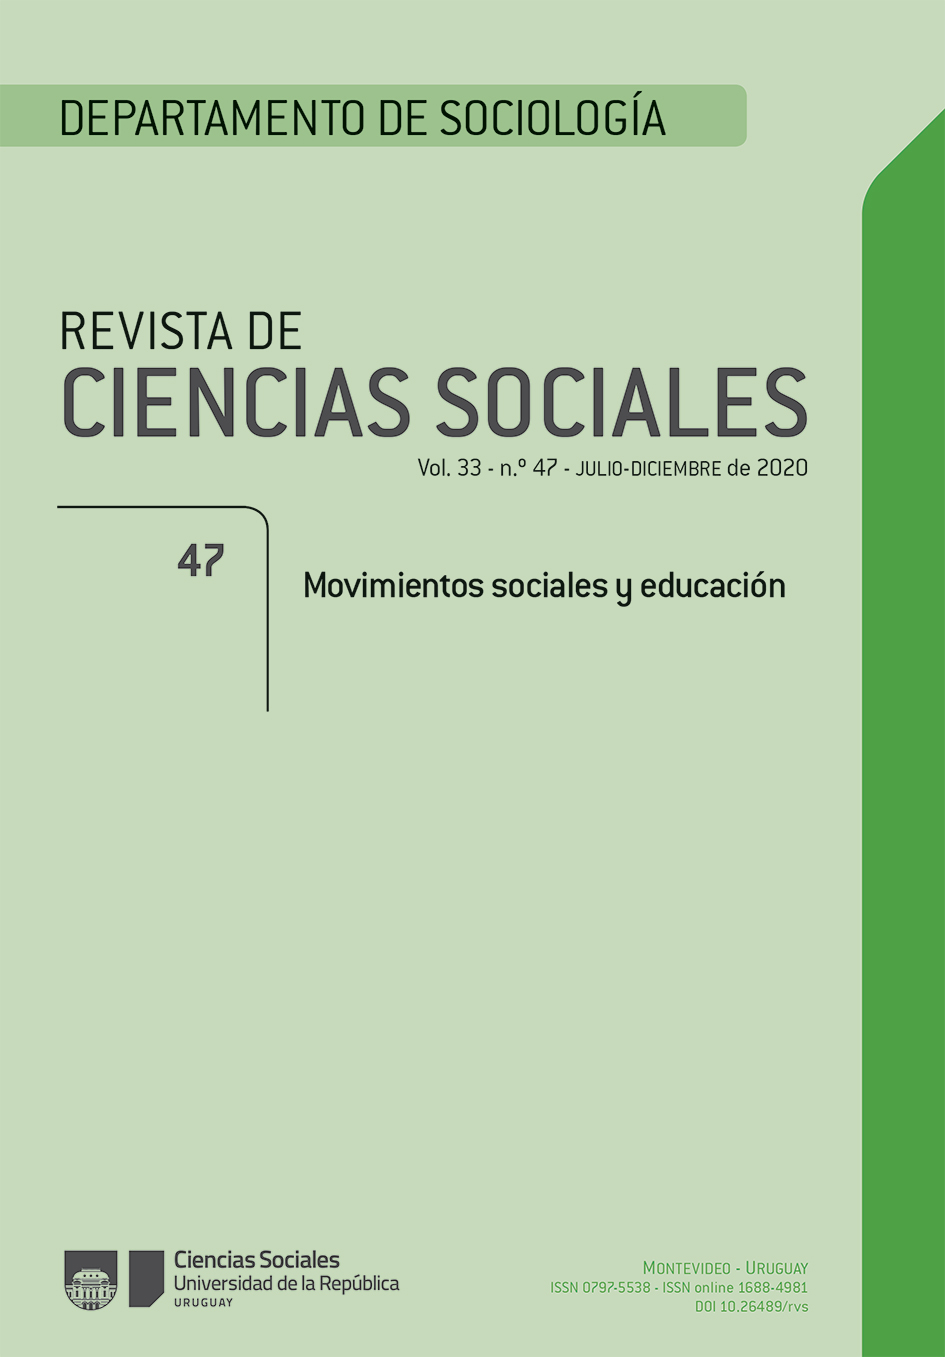 Revista de Ciencias Sociales 47